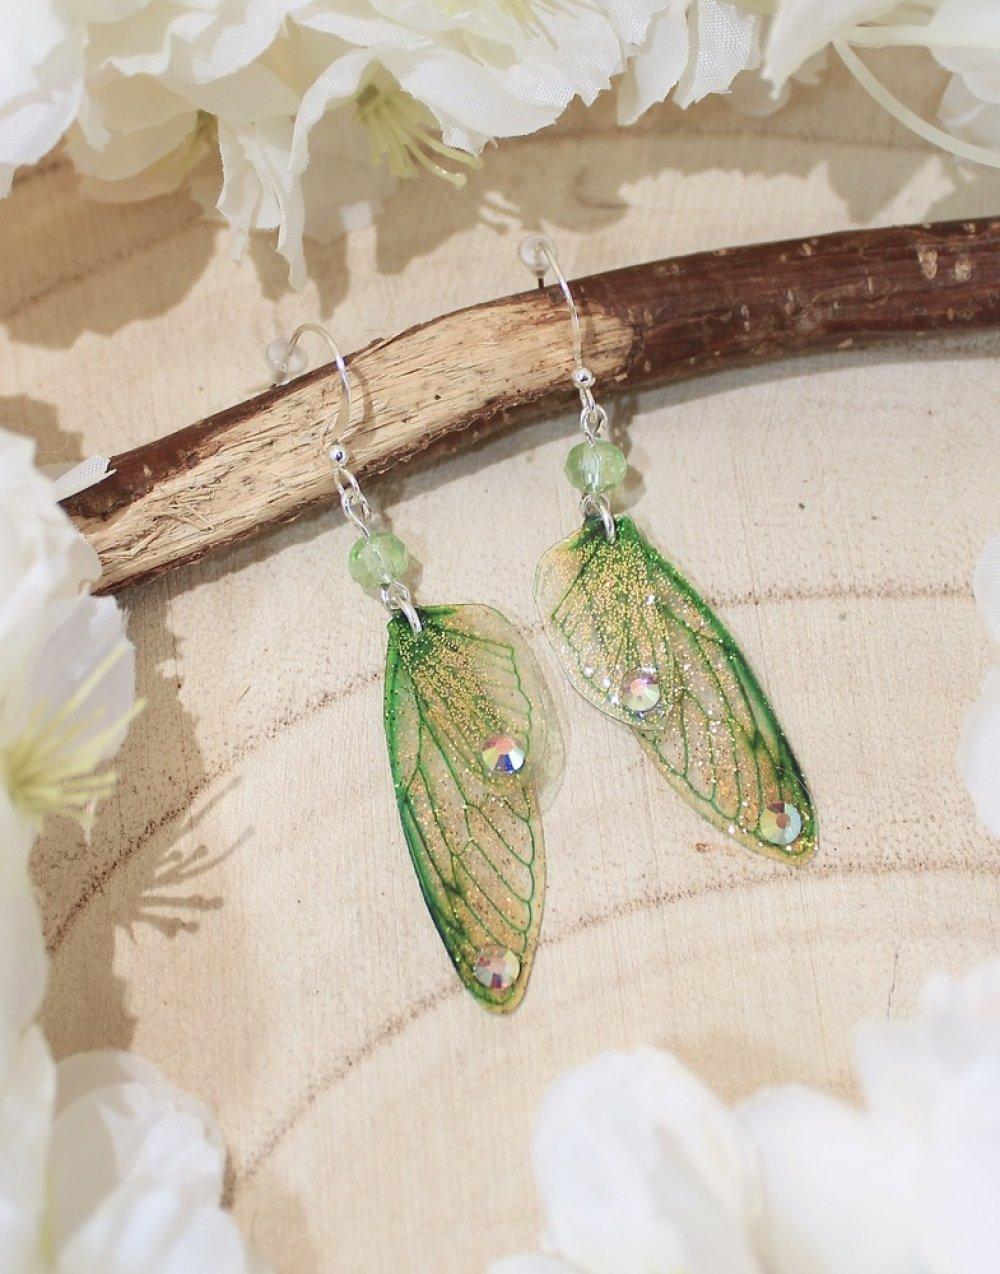 Boucles d'oreilles ailes de fée vertes clair, féerique, fantastique, elfique, fantaisie.